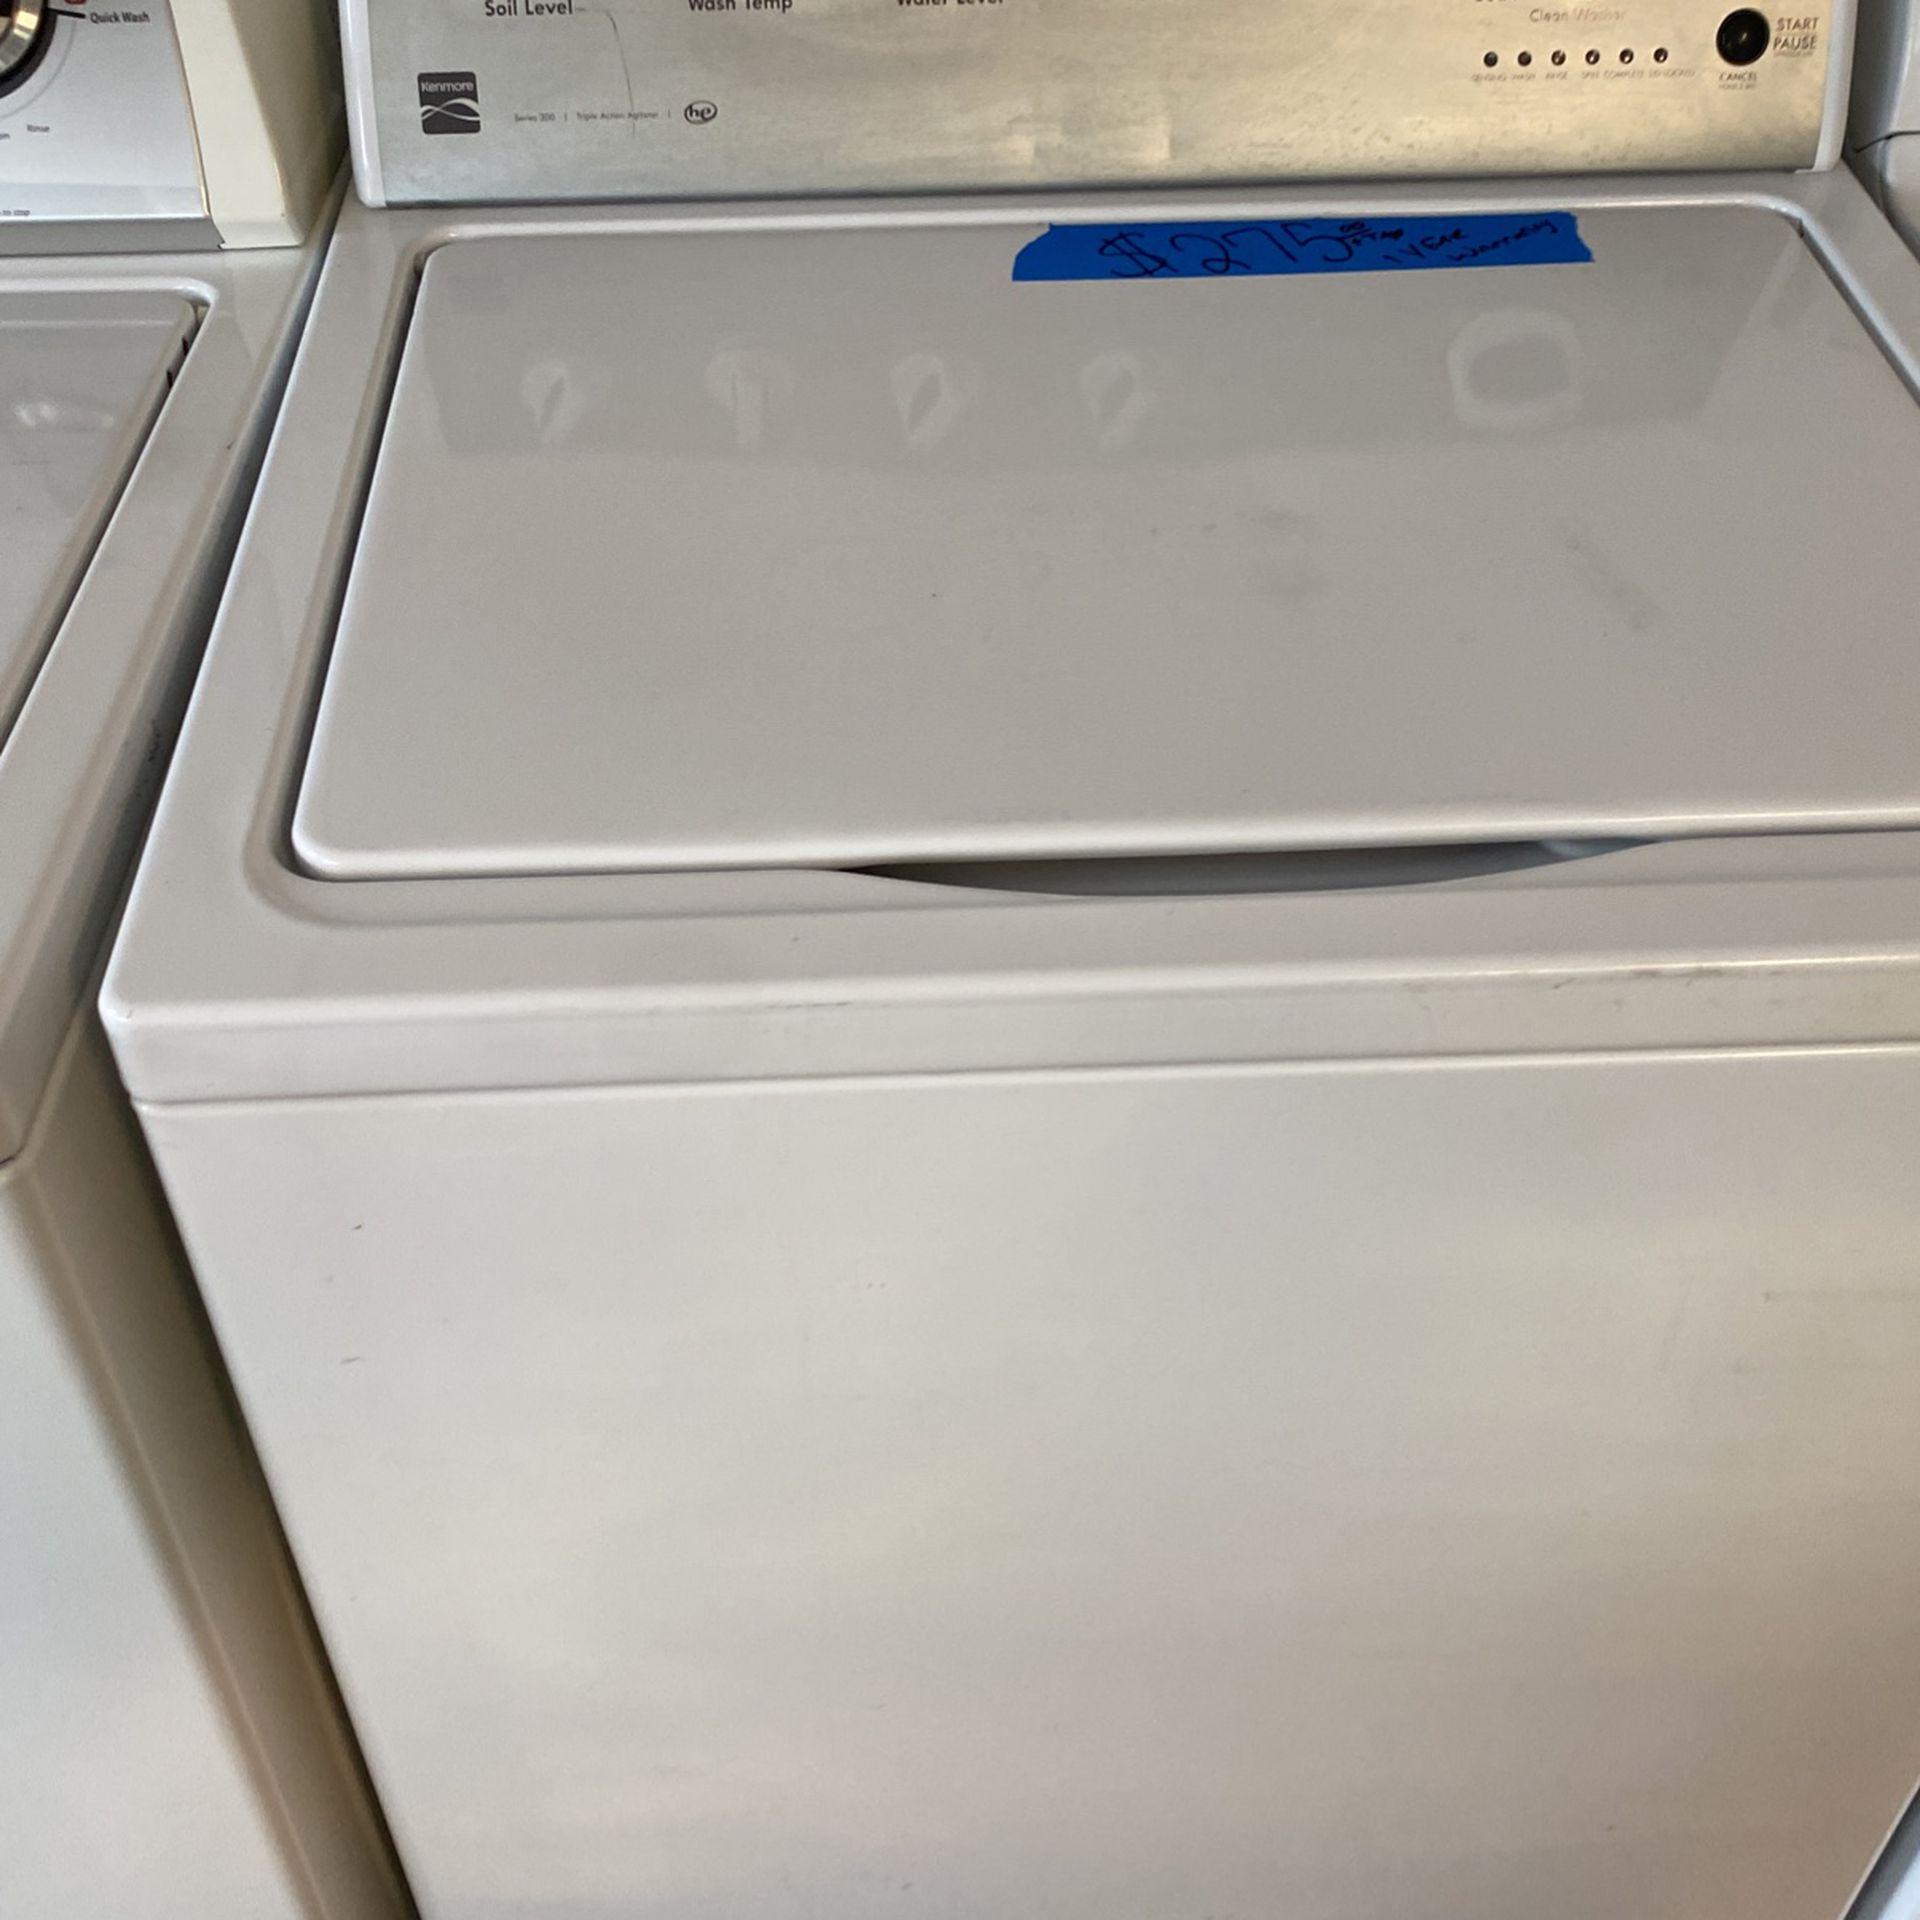 Kenmore Washer 1 Year Warranty , Kenmore Lavadora 1 Año de Garantía